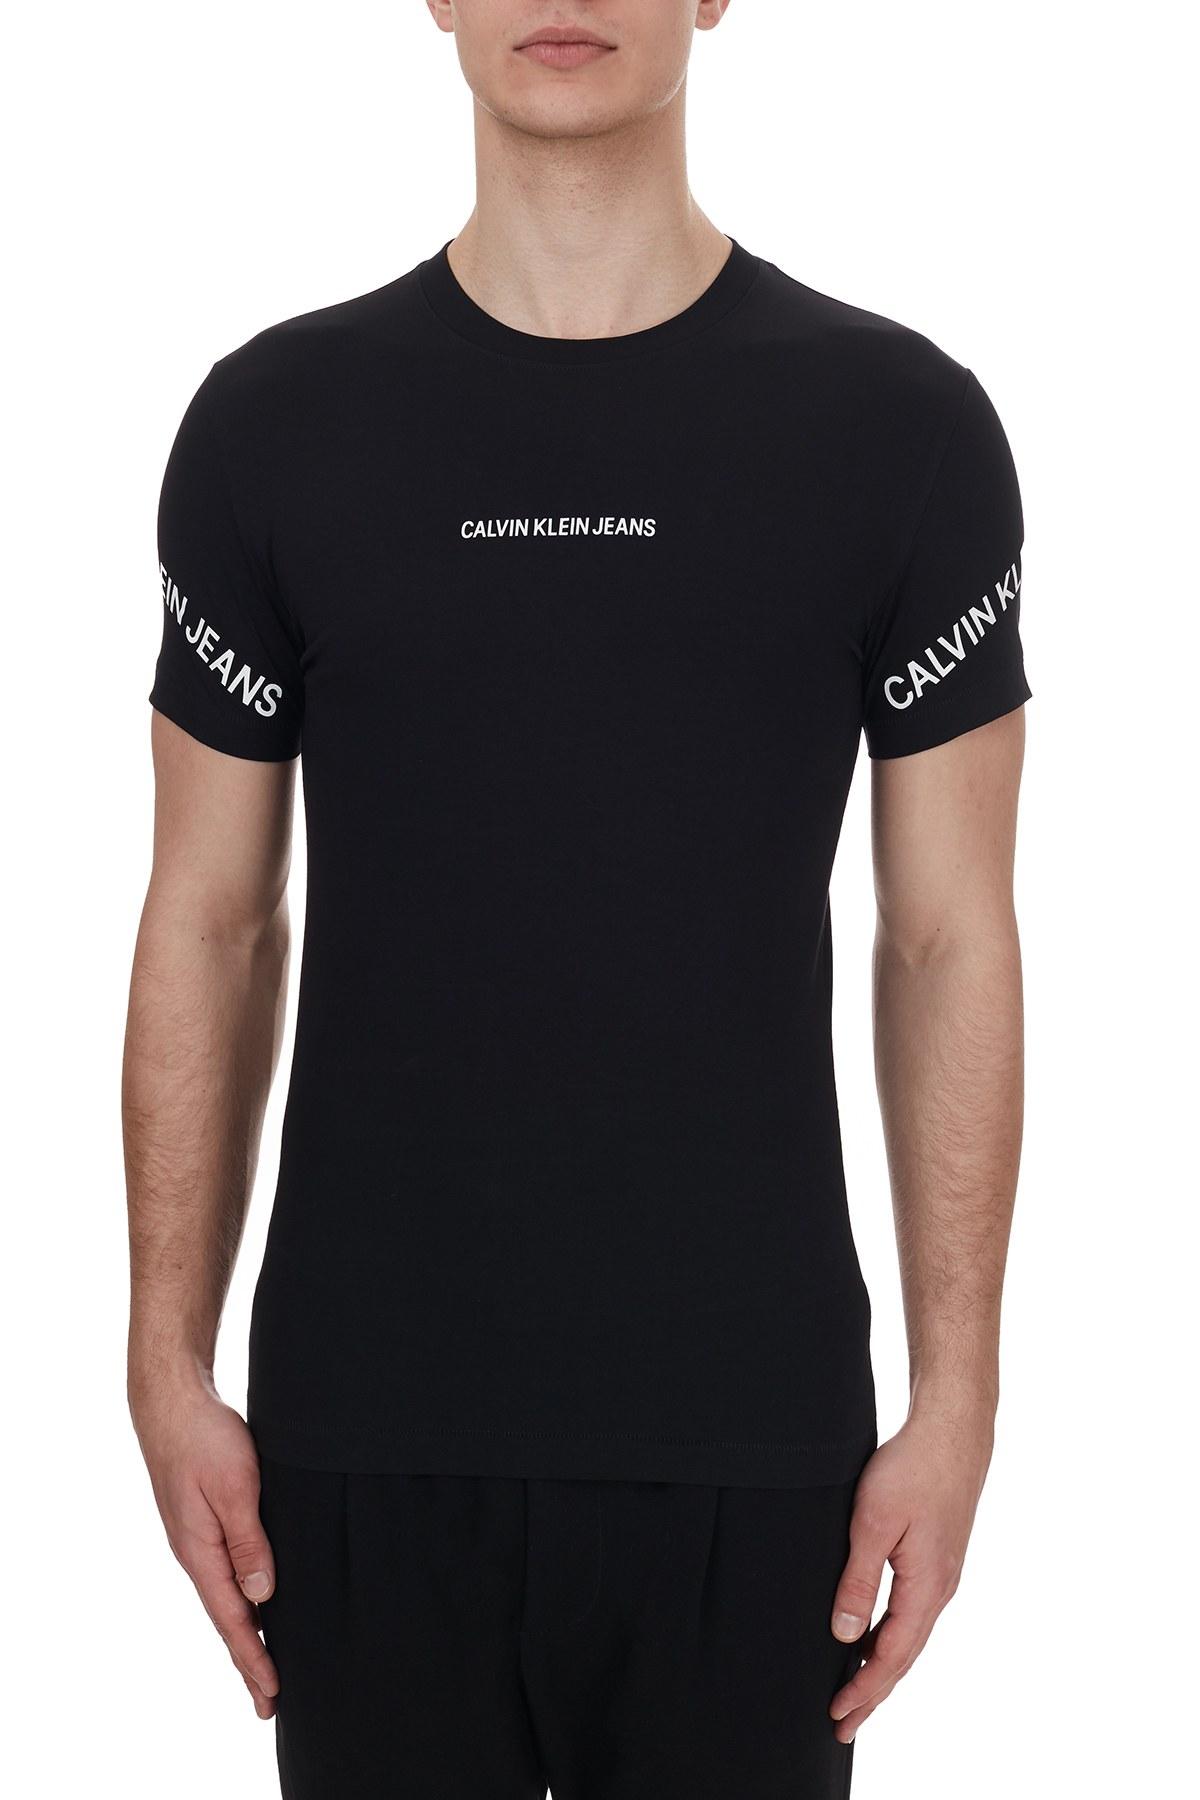 Calvin Klein Logo Baskılı Bisiklet Yaka Pamuklu Erkek T Shirt J30J316465 BEH SİYAH